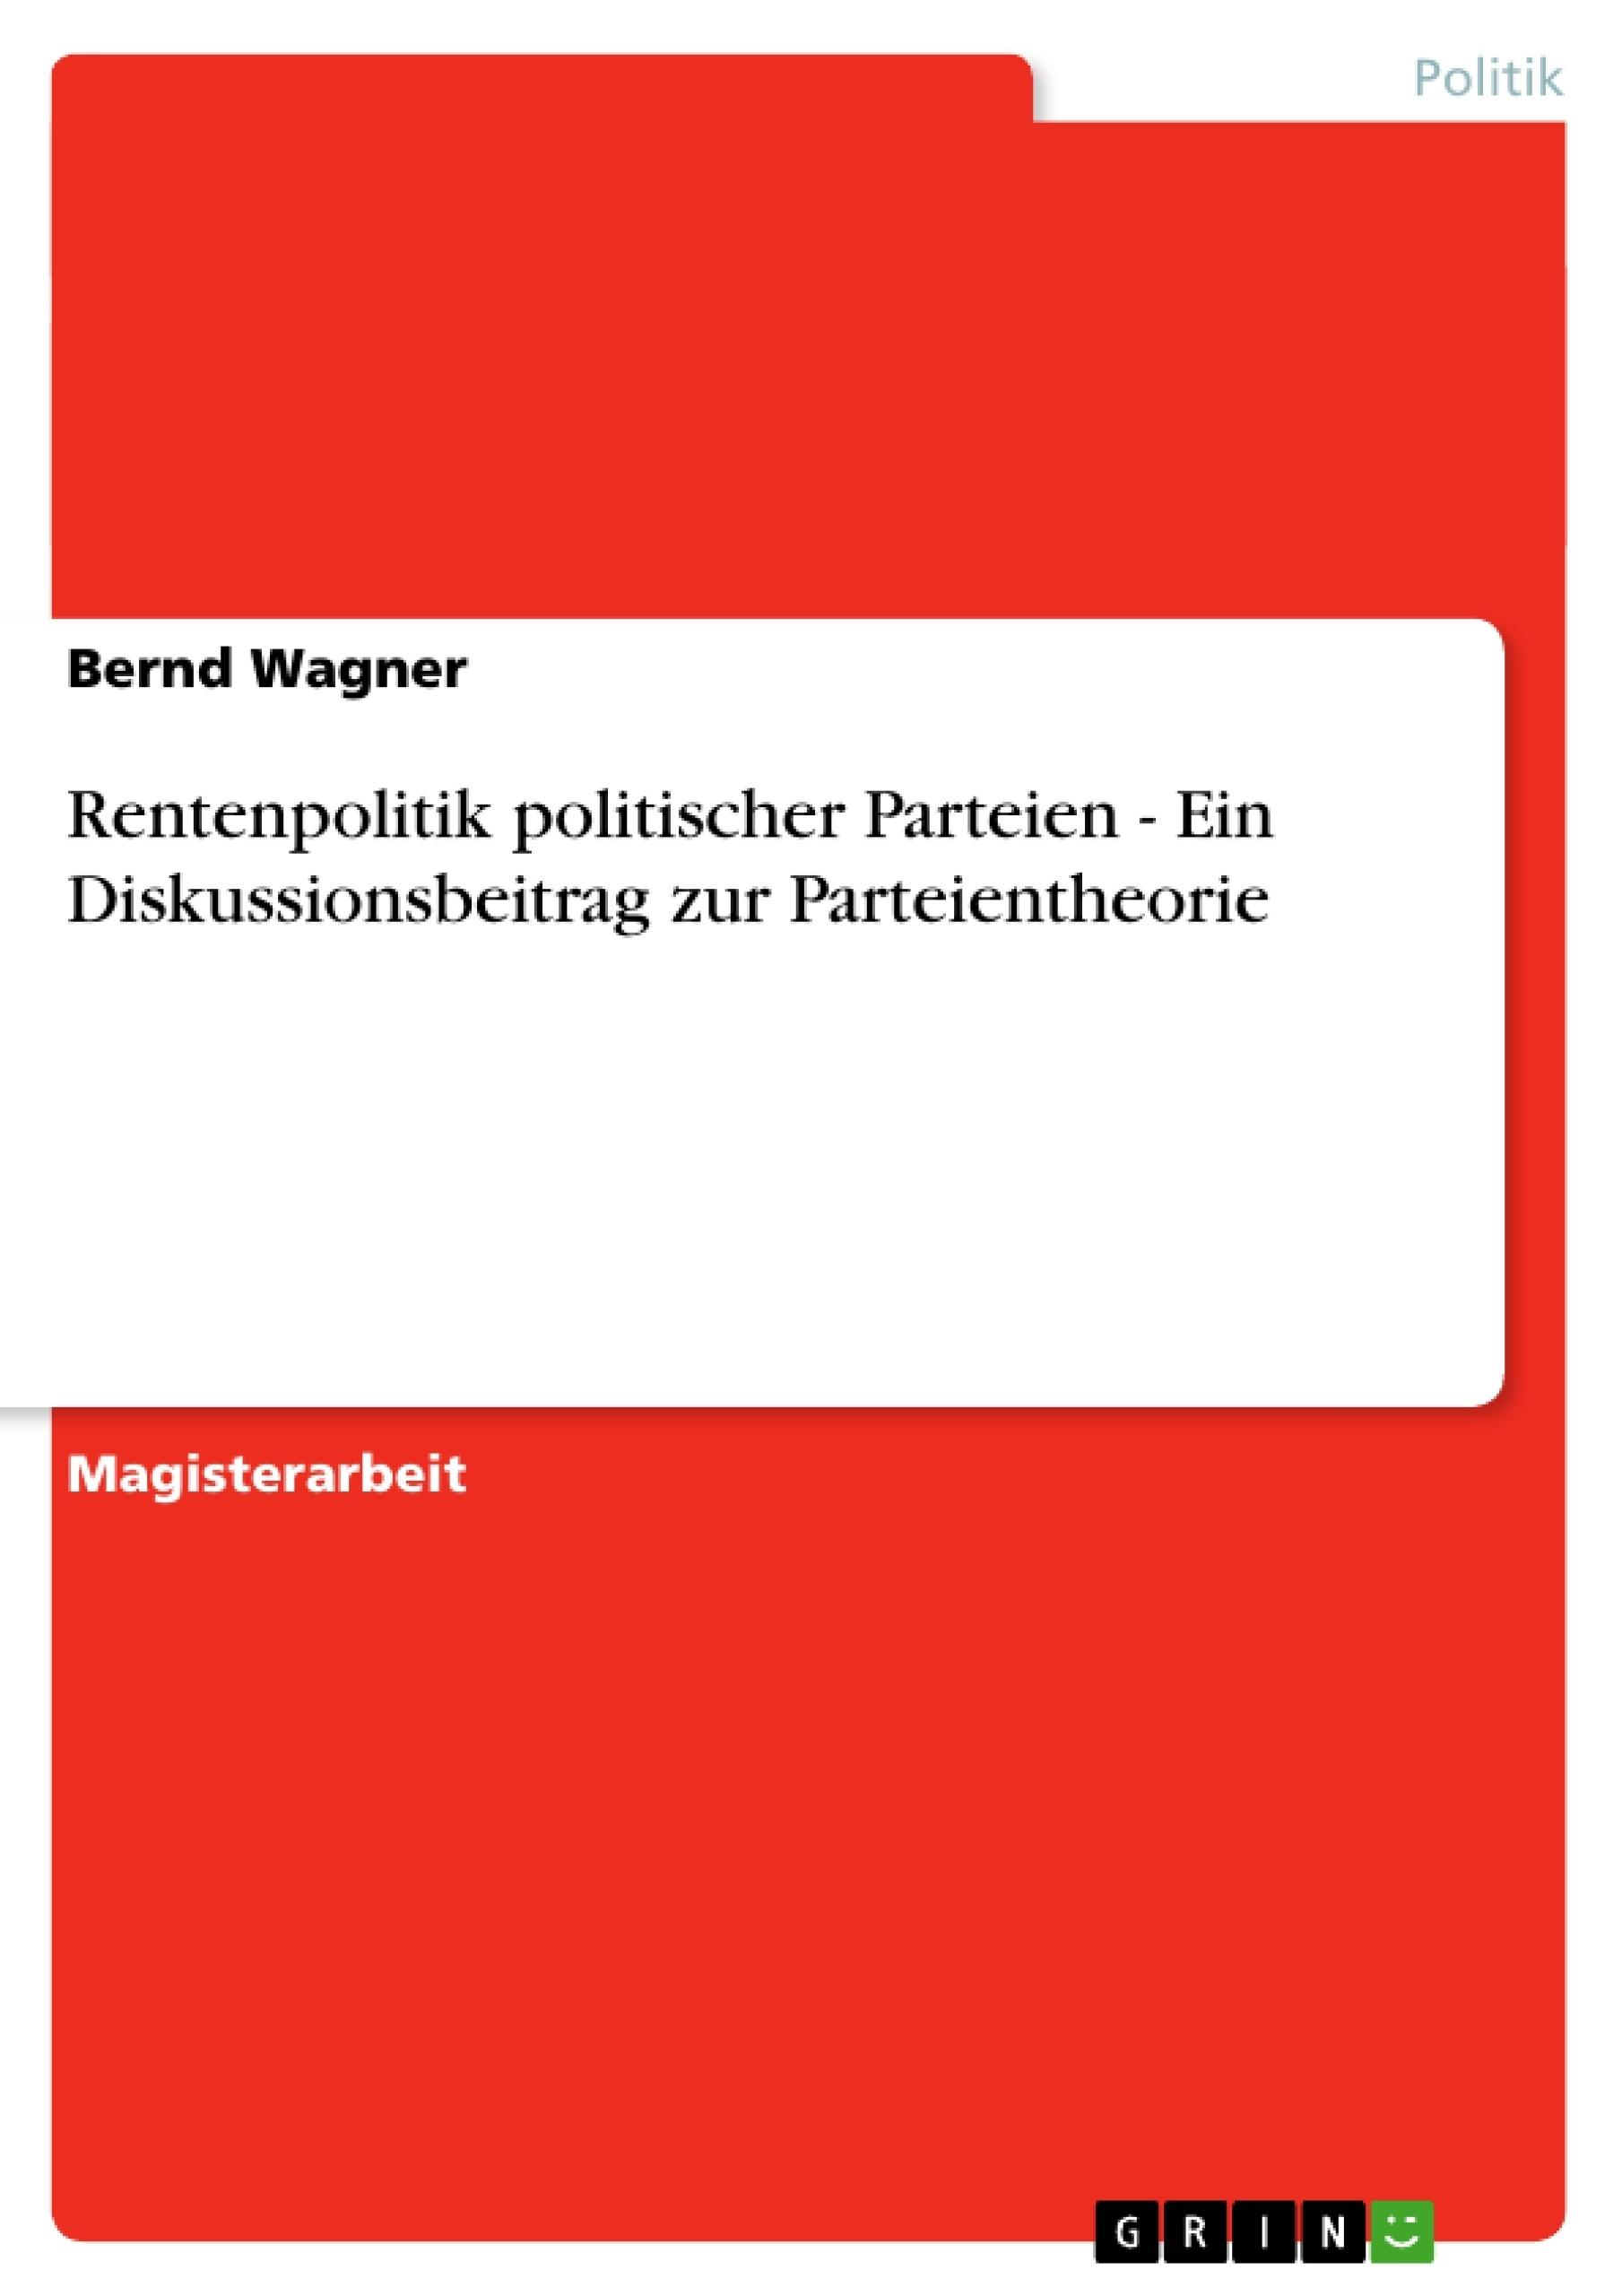 Titel: Rentenpolitik politischer Parteien - Ein Diskussionsbeitrag zur Parteientheorie